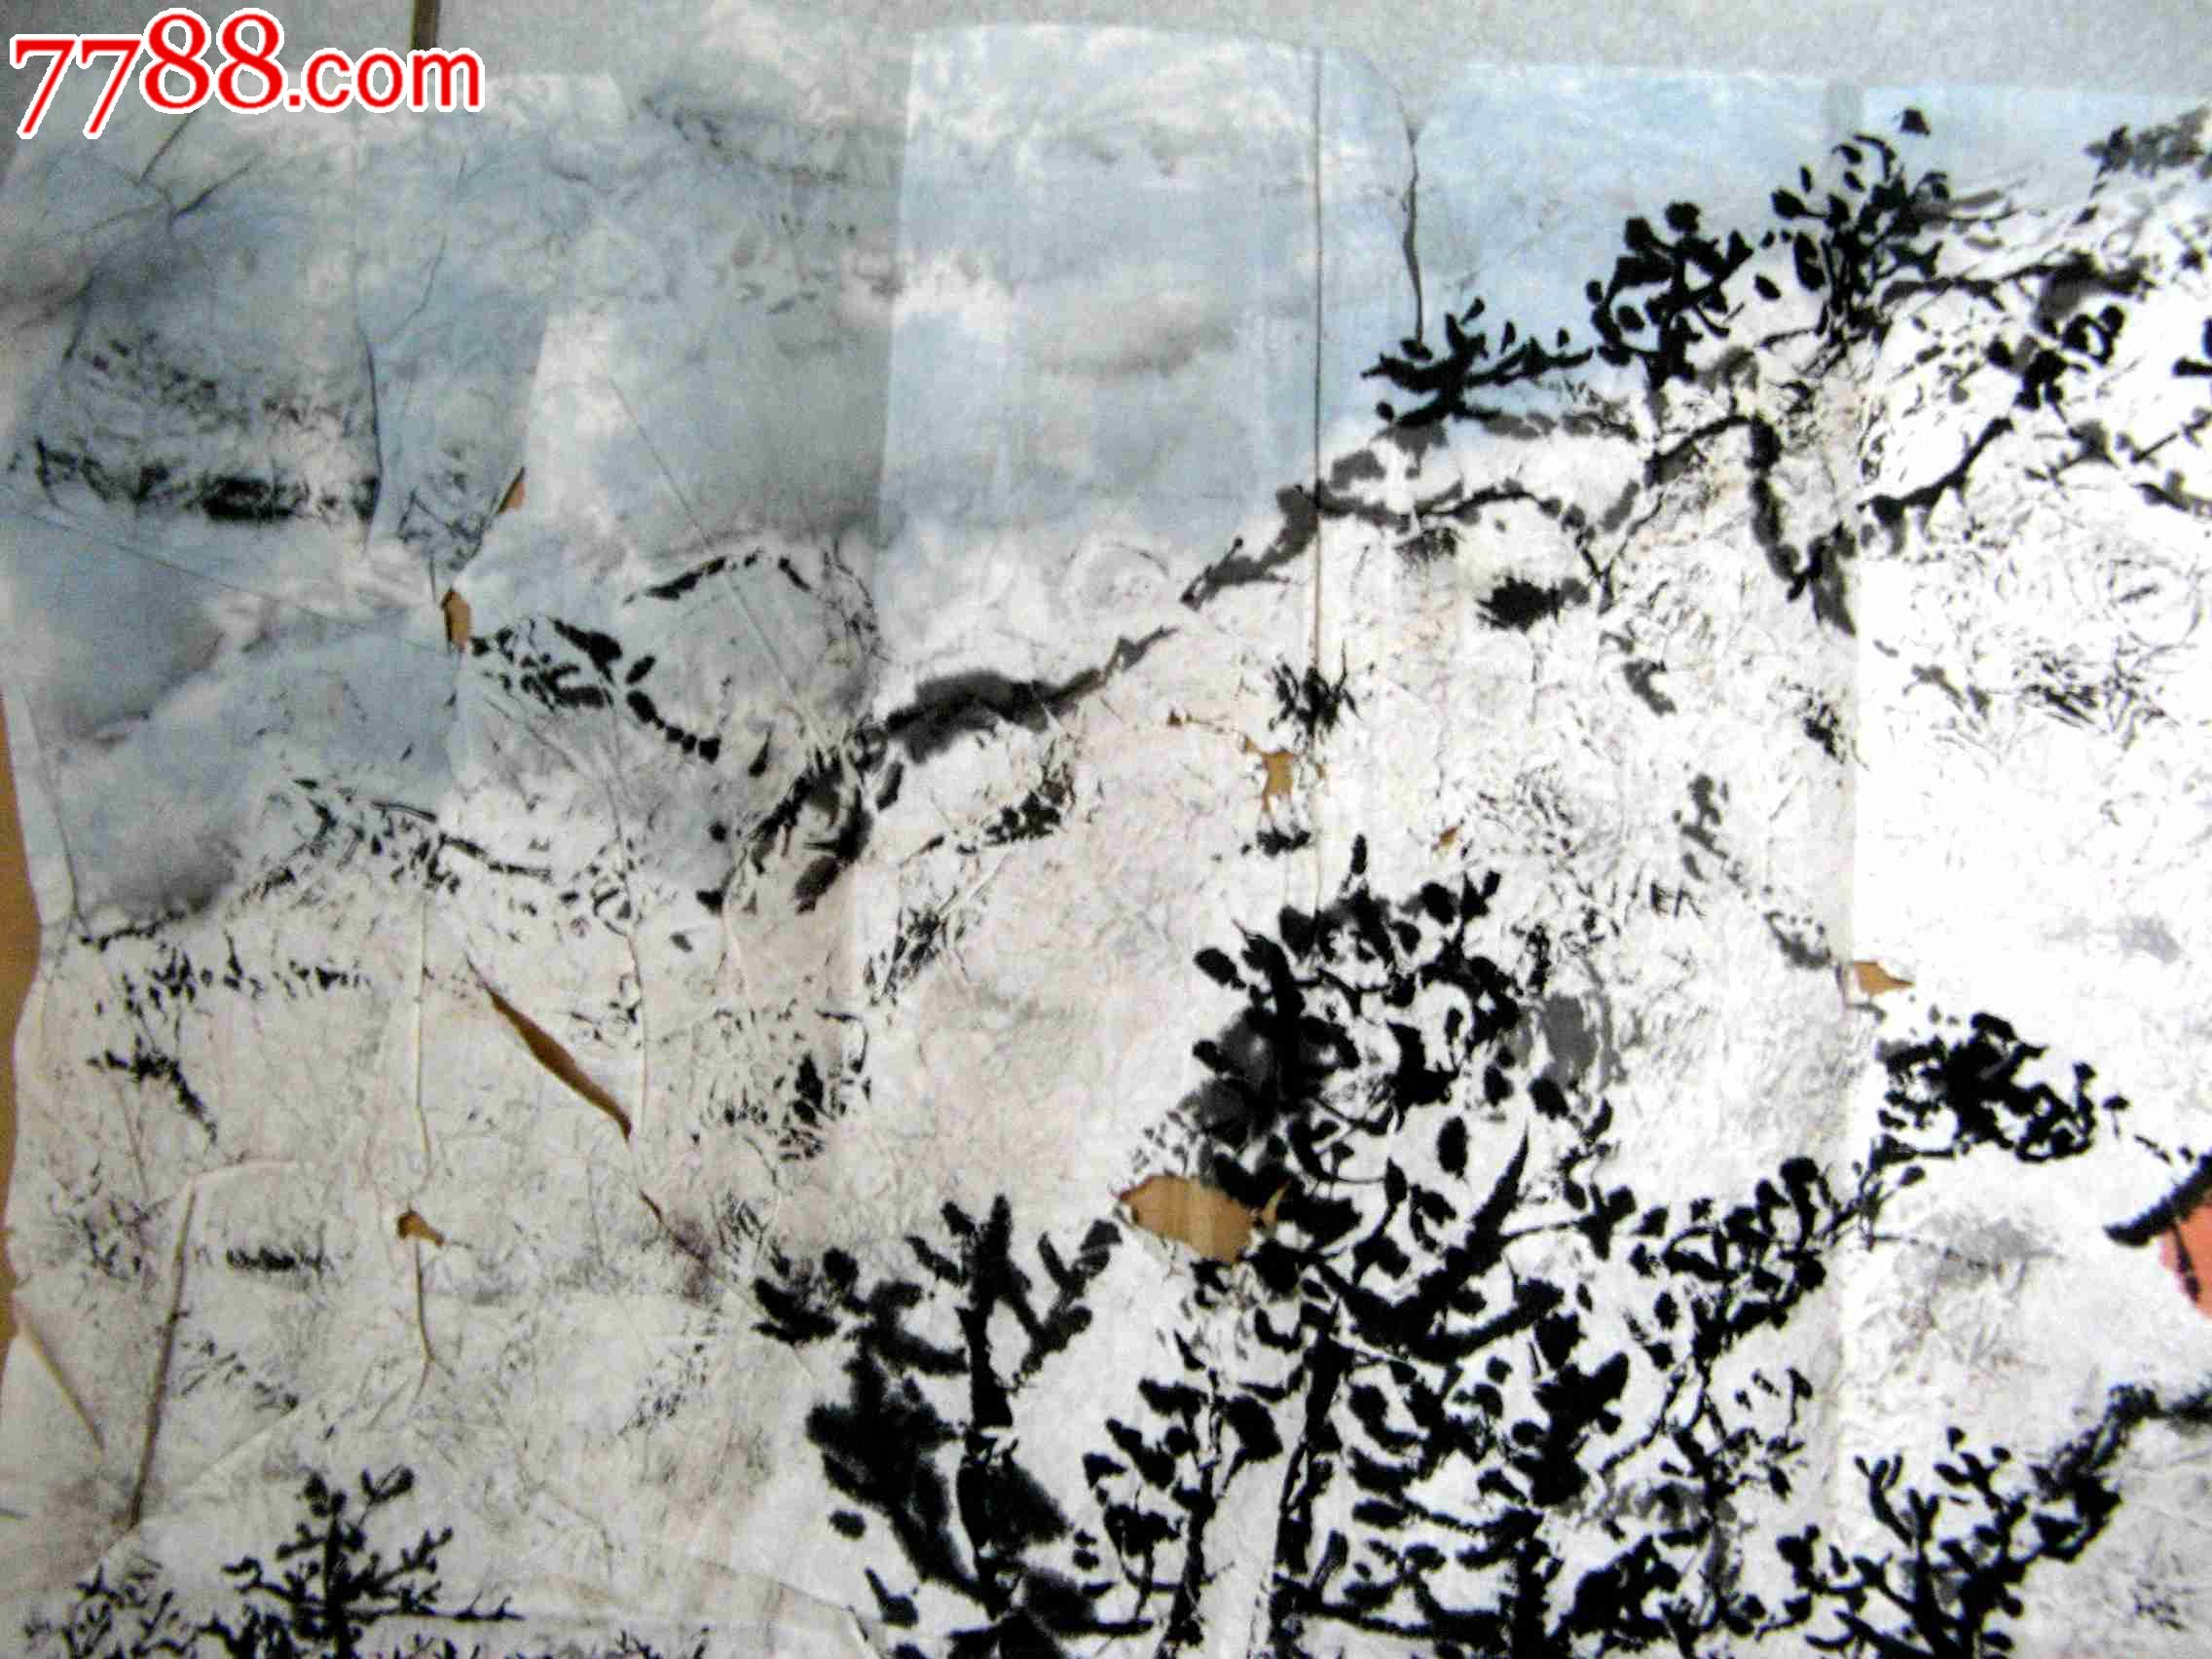 云山浩阔,意境悠远的三尺横幅无款山水画:村山雪景